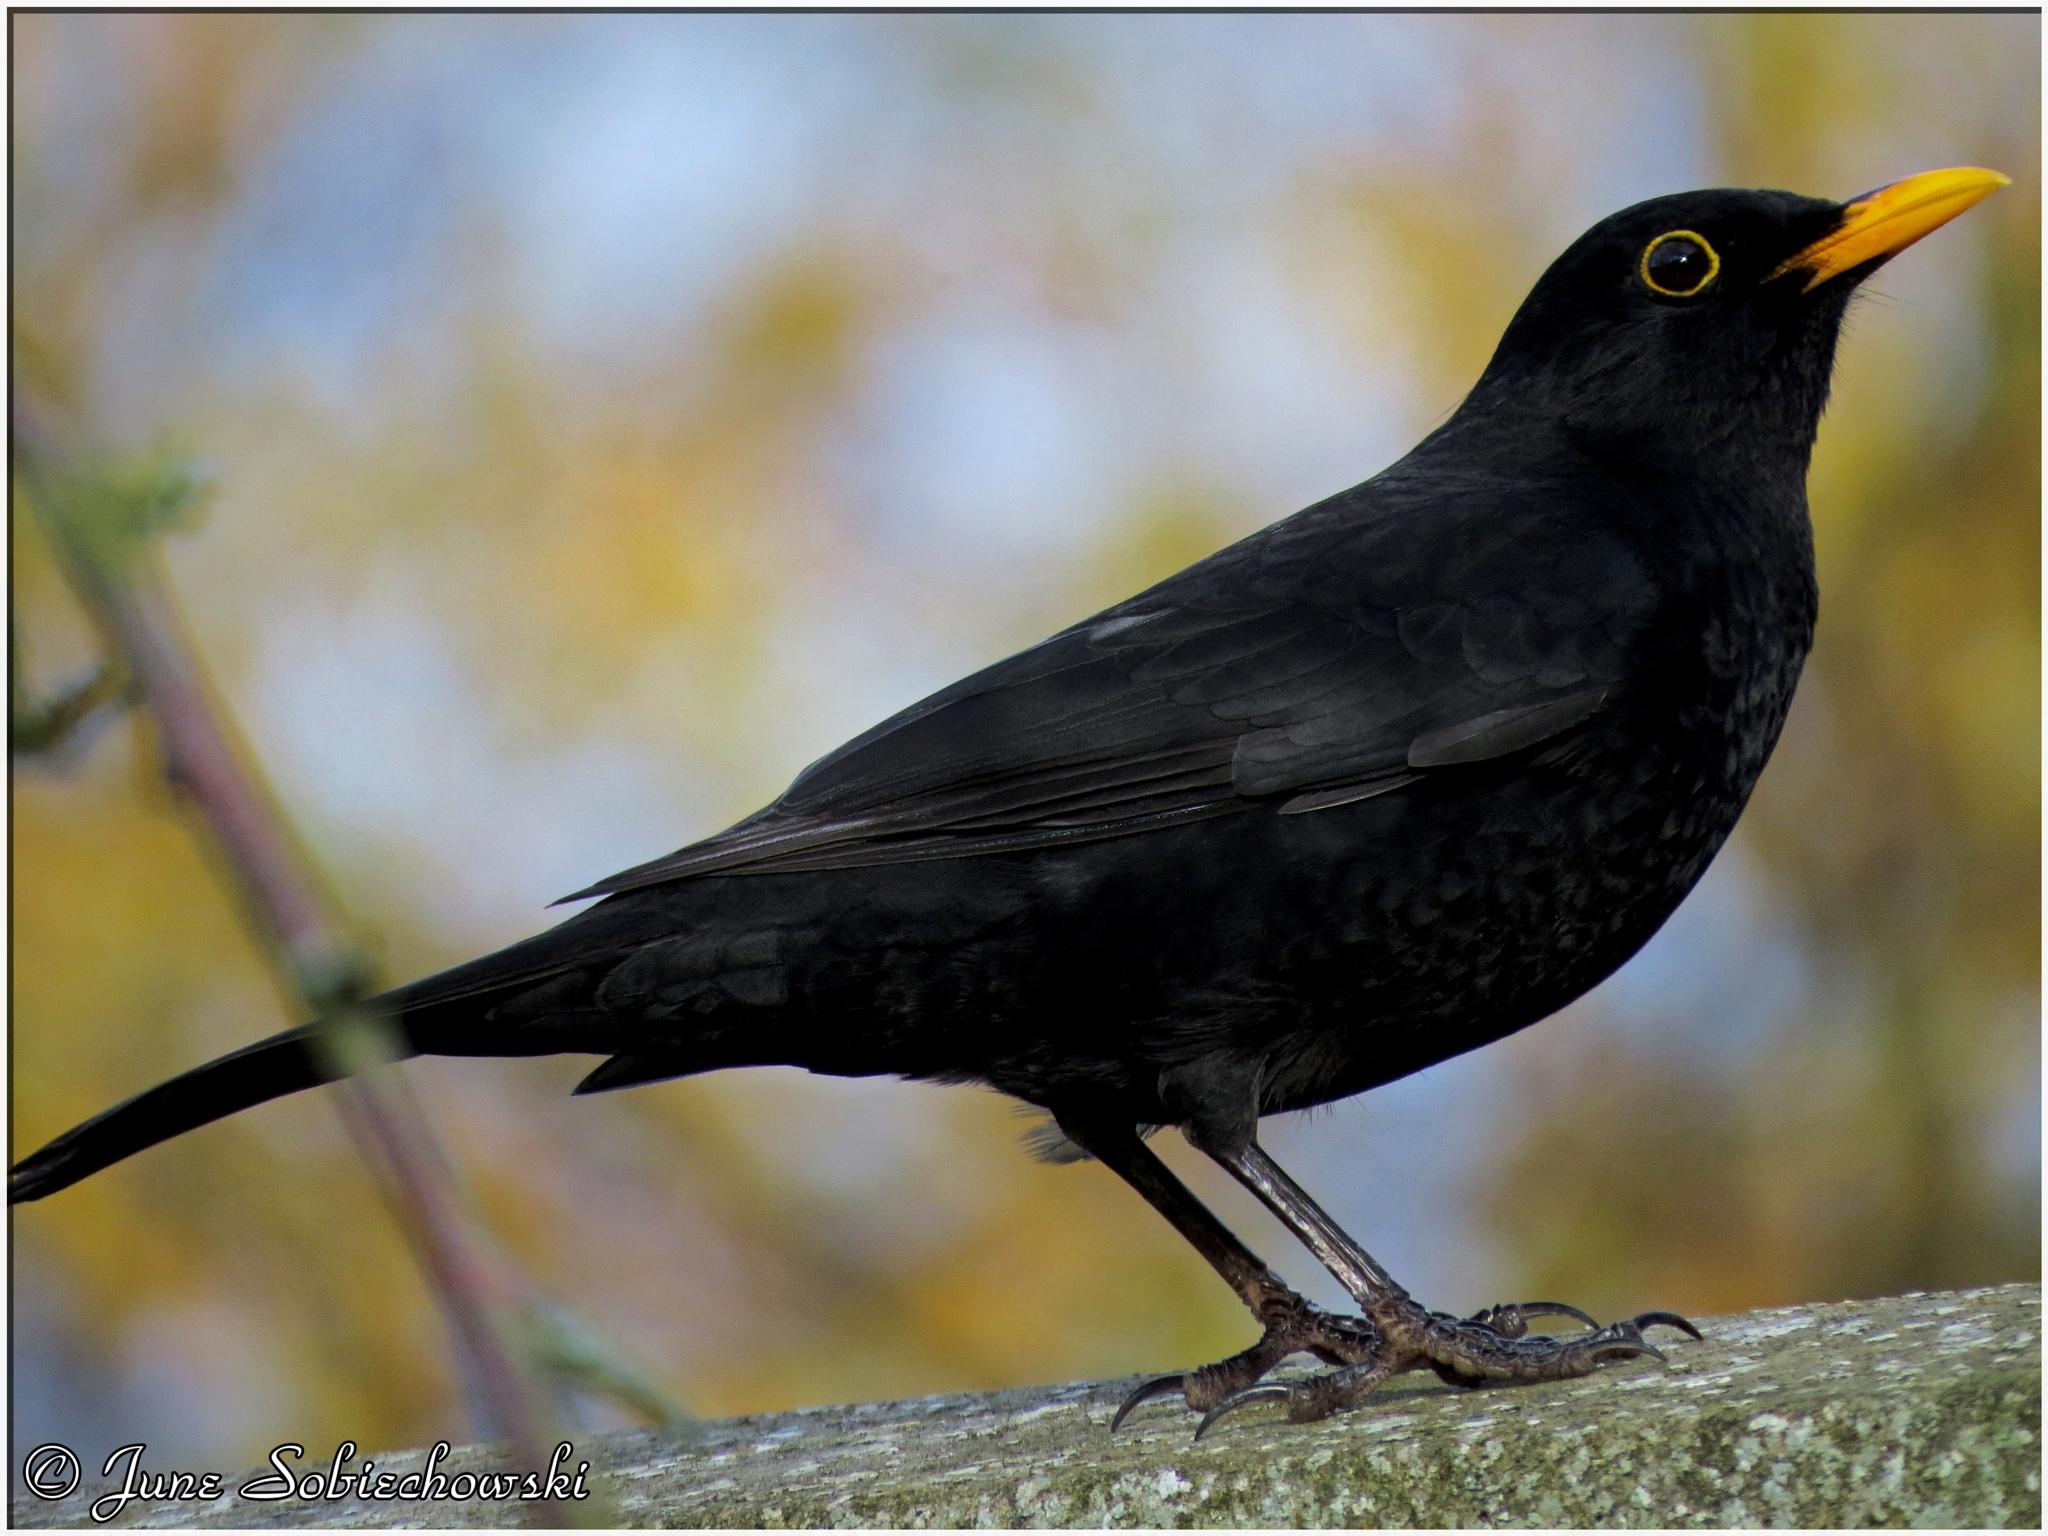 Blackbird. by June